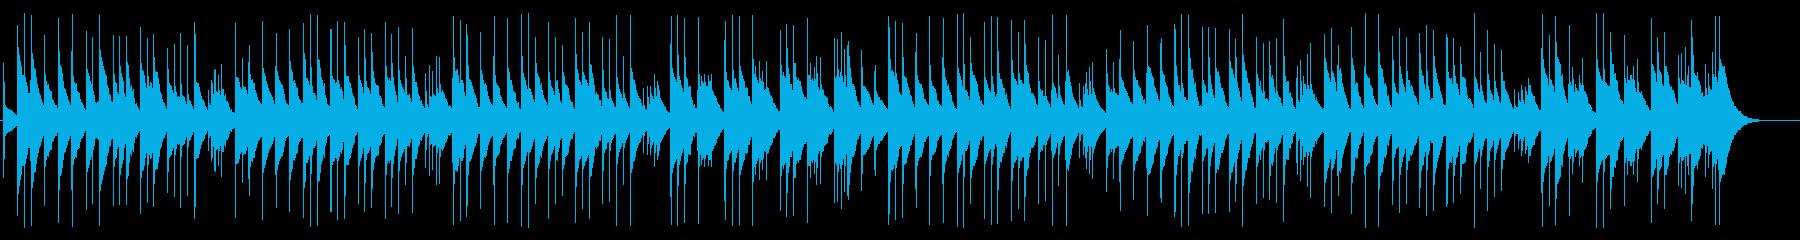 金平糖の精の踊り(オルゴールver)の再生済みの波形